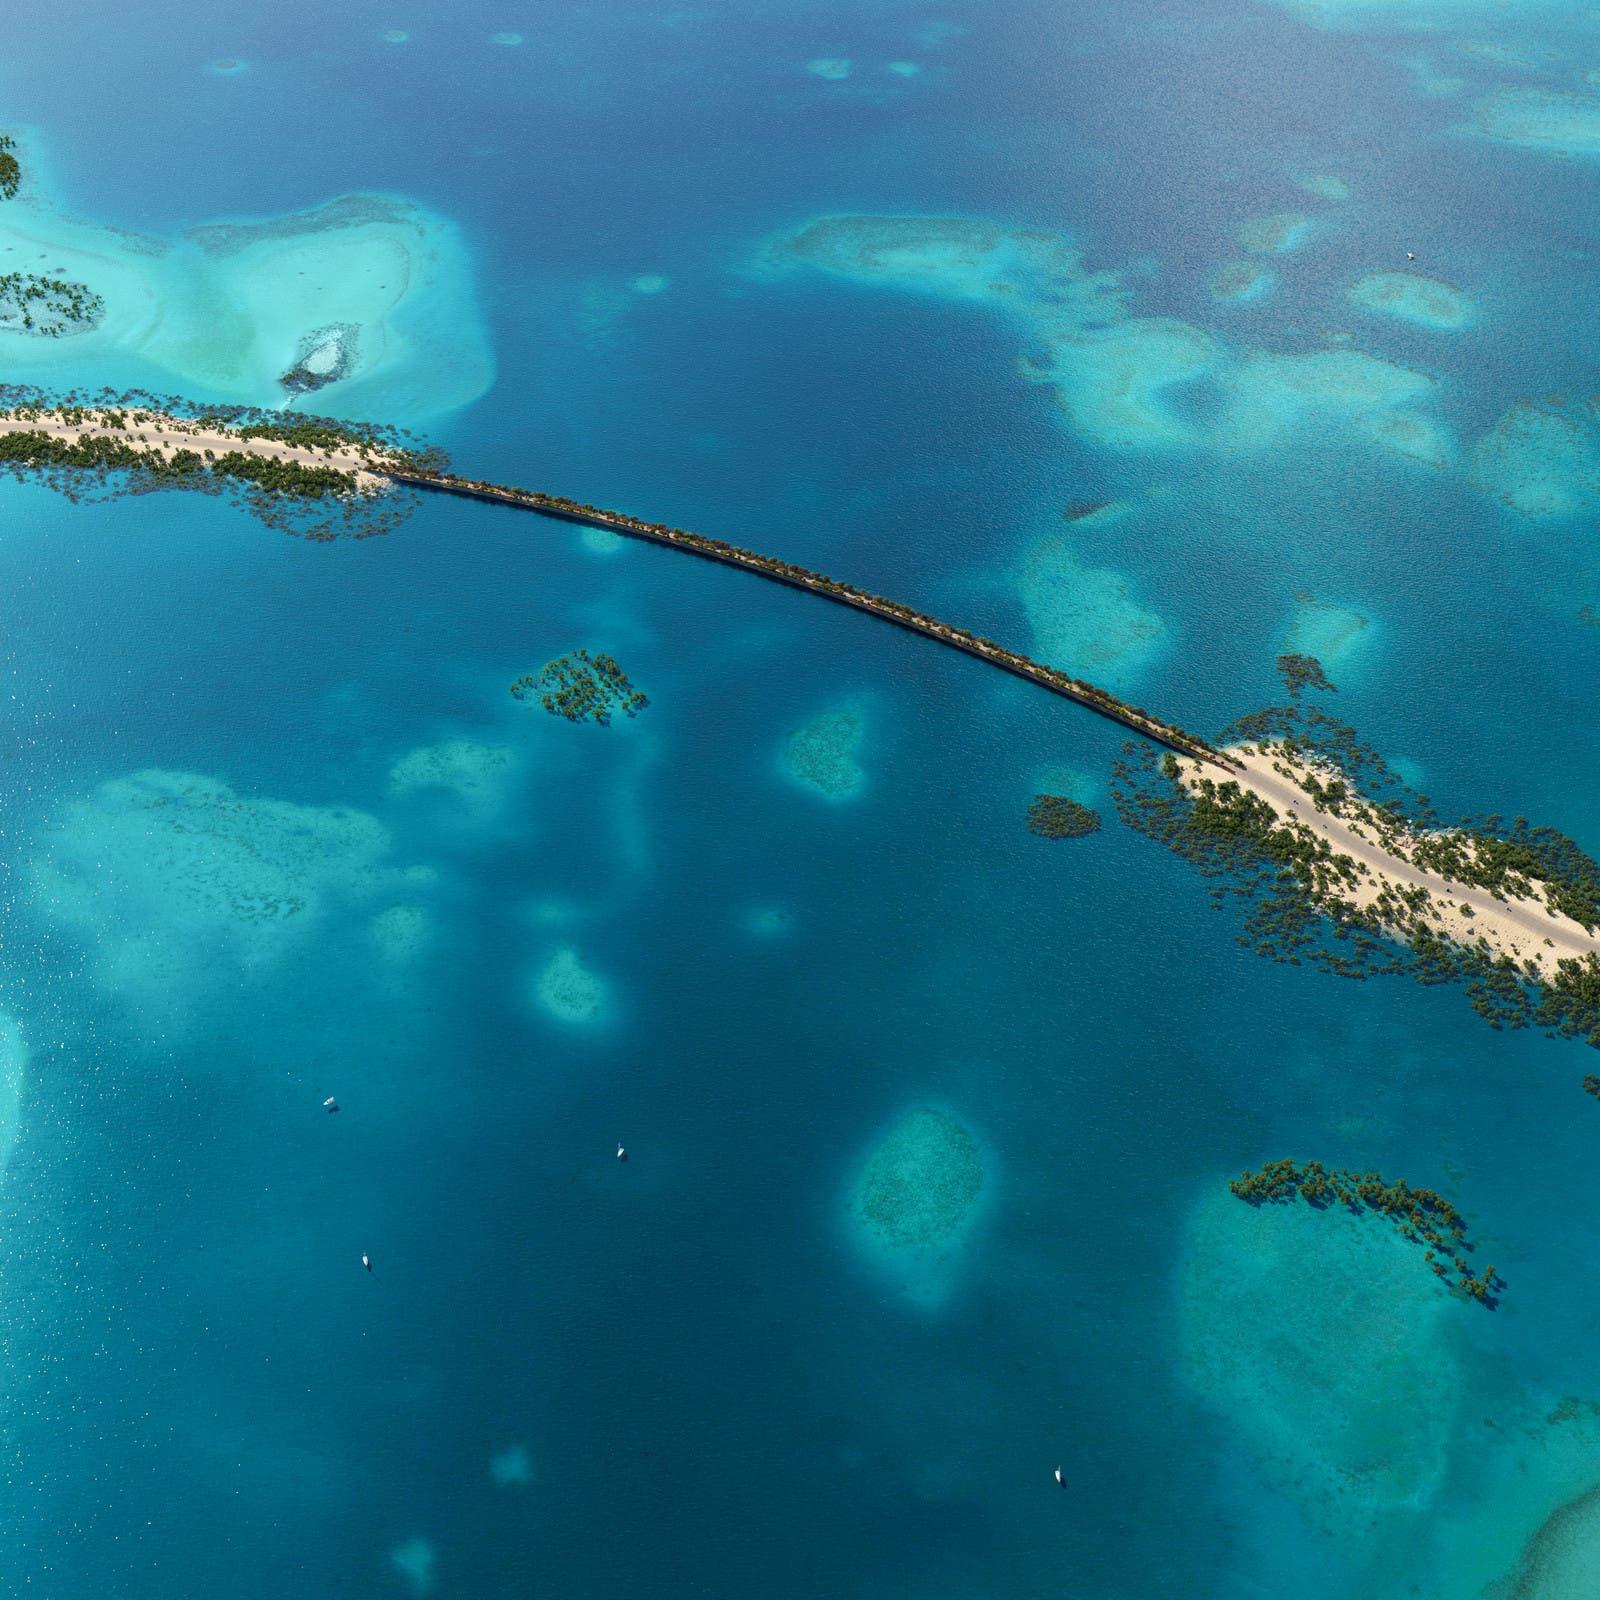 البحر الأحمر للتطوير توقع عقداً مع مدينة الملك عبدالعزيز بشأن بيانات الأقمار الصناعية